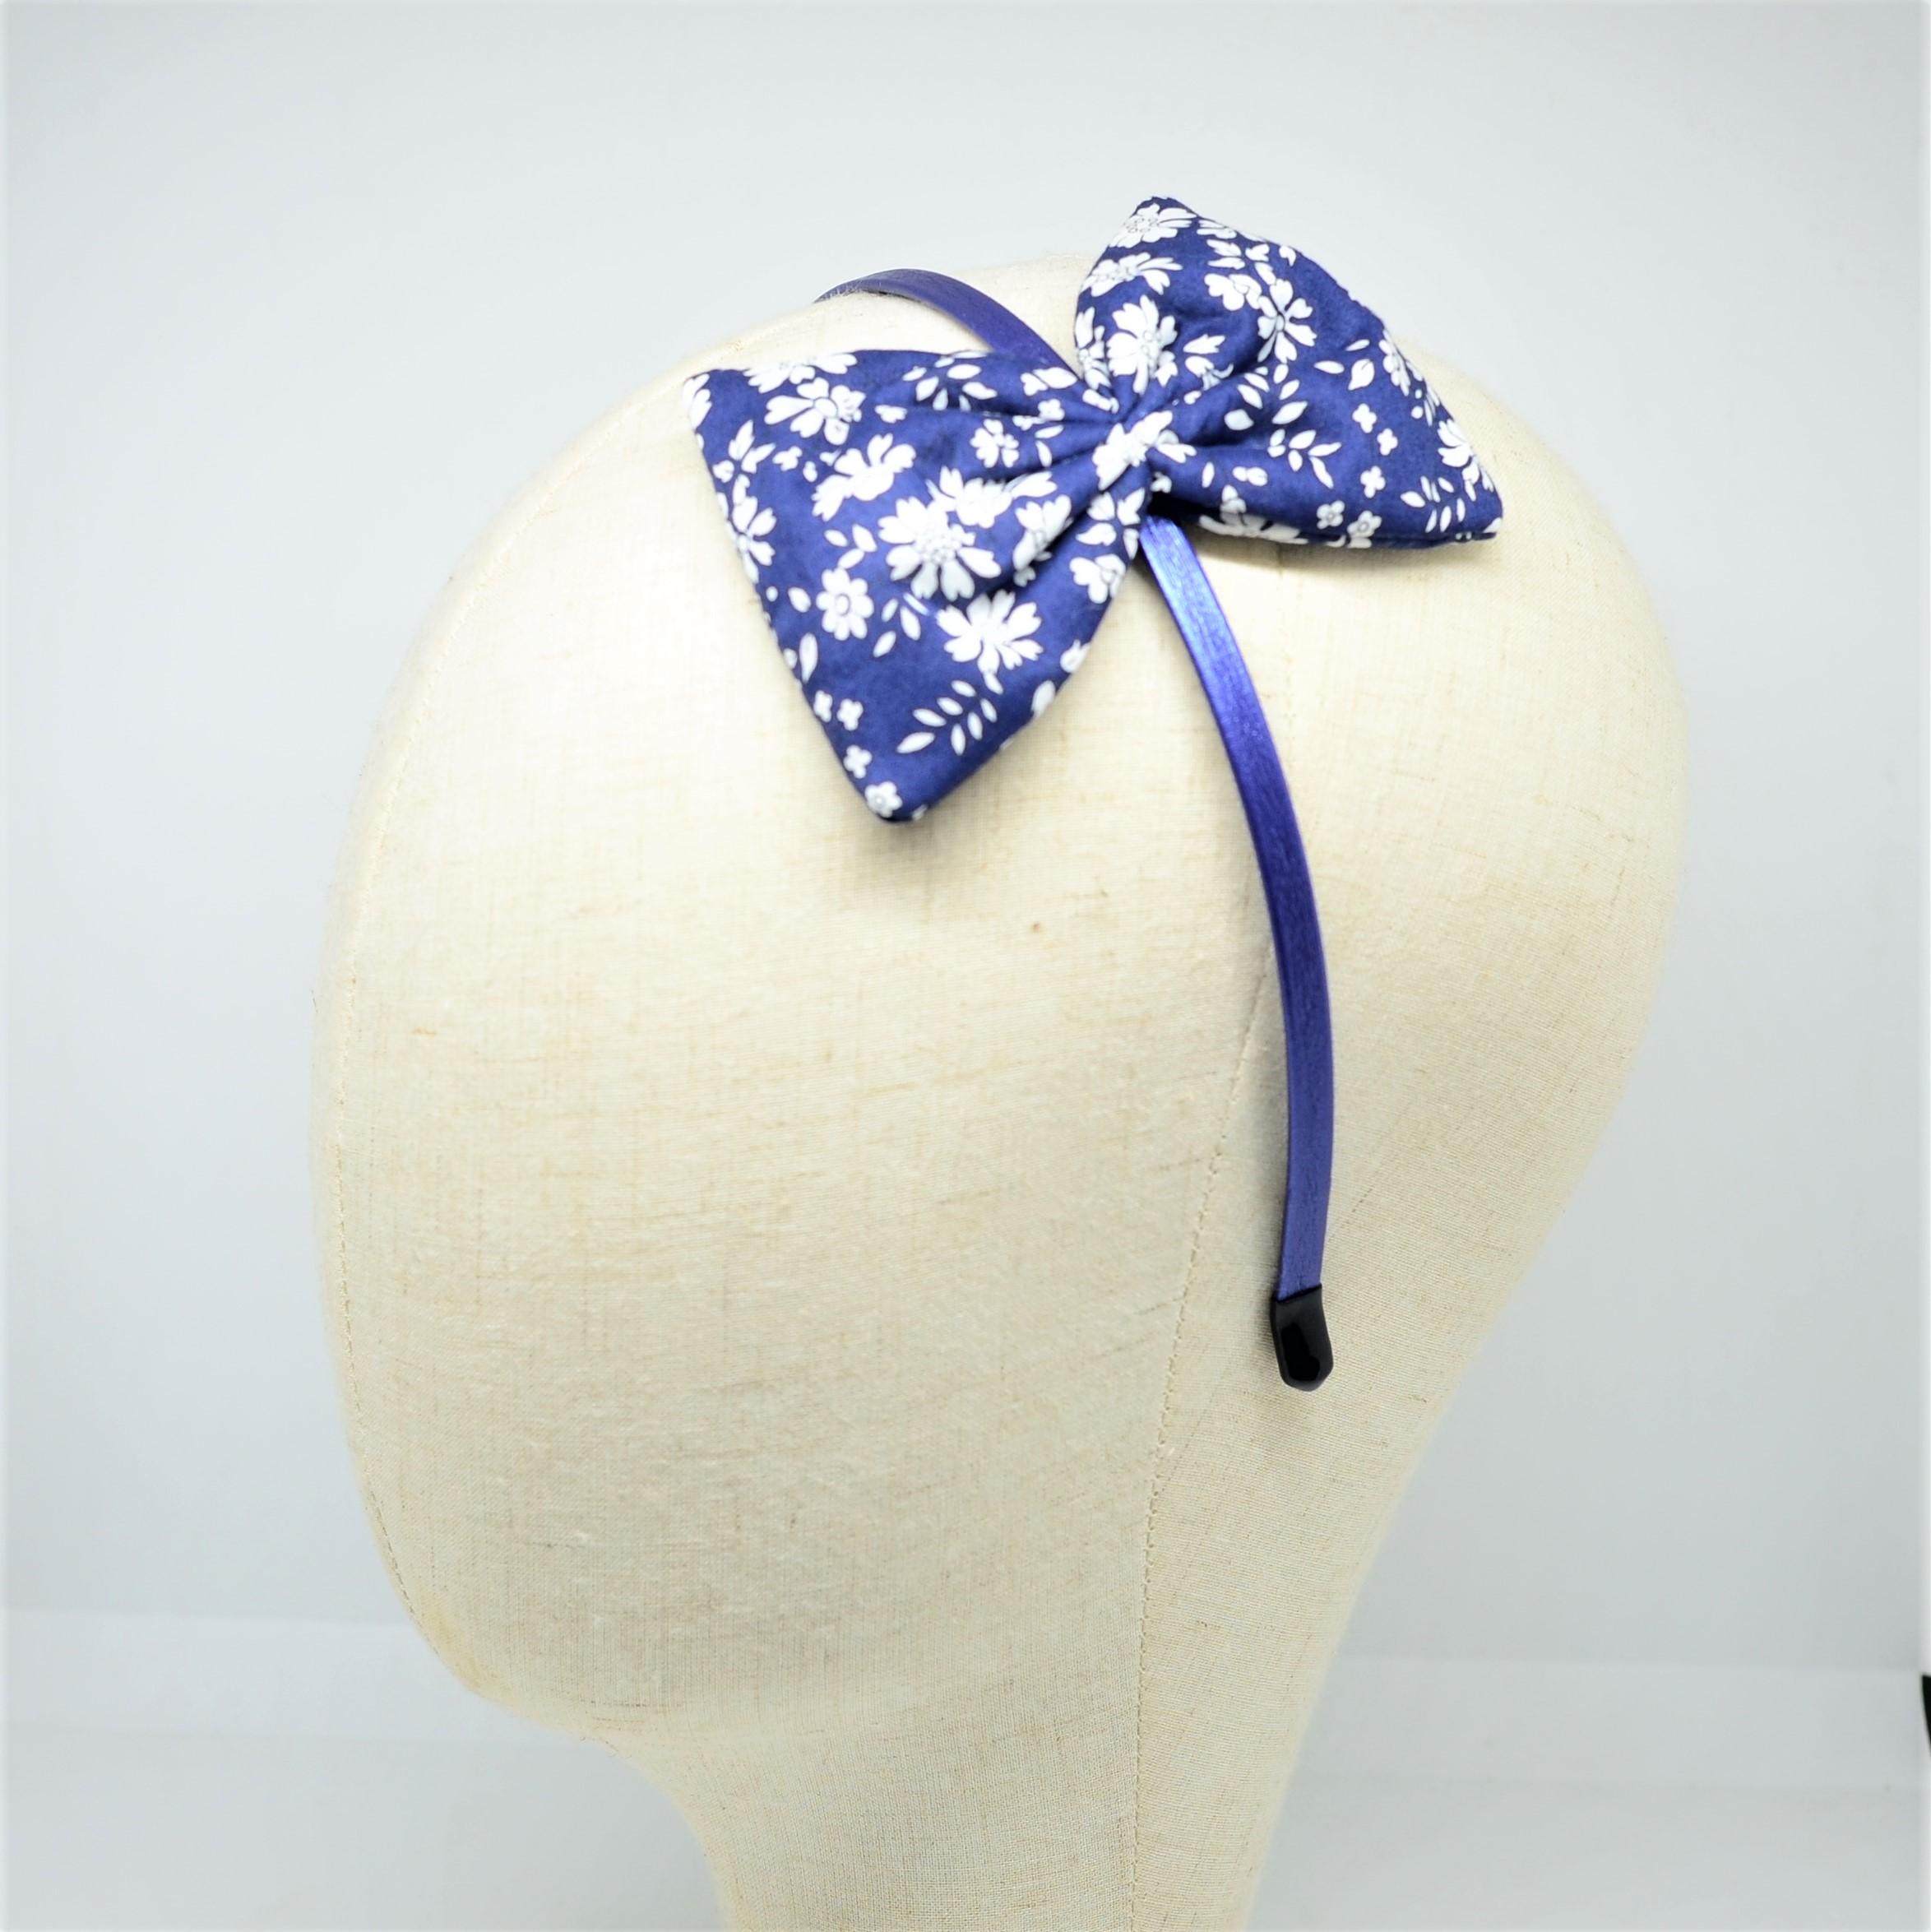 Serre tete noeud Liberty Capel bleu marine--9995810686470